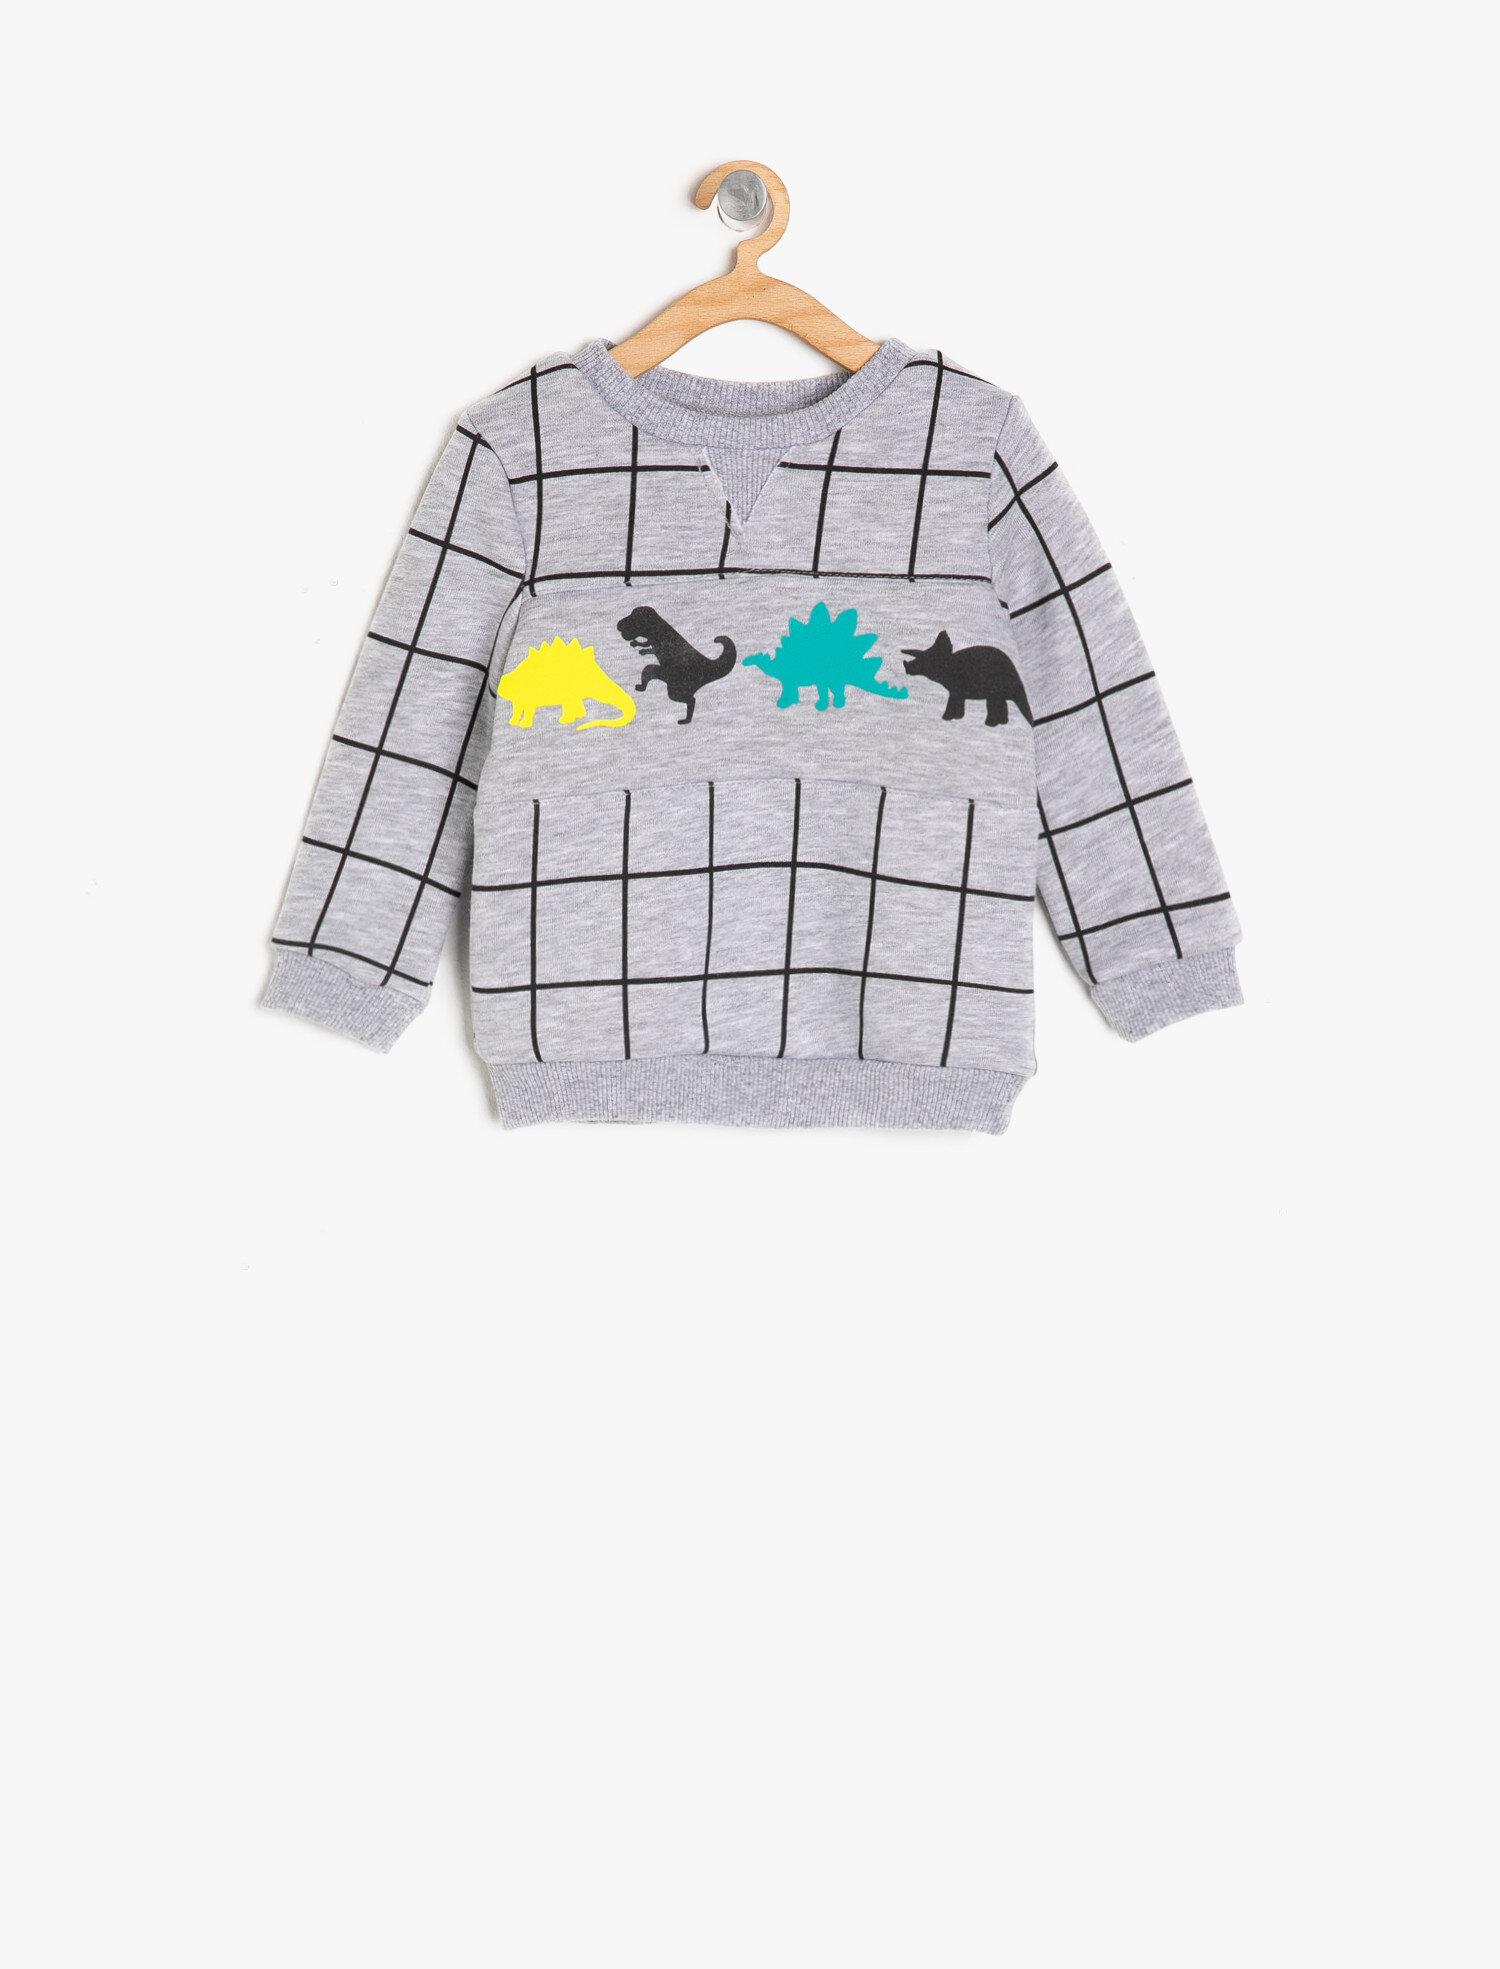 Koton Erkek Çocuk Kareli Sweatshirt Gri Ürün Resmi